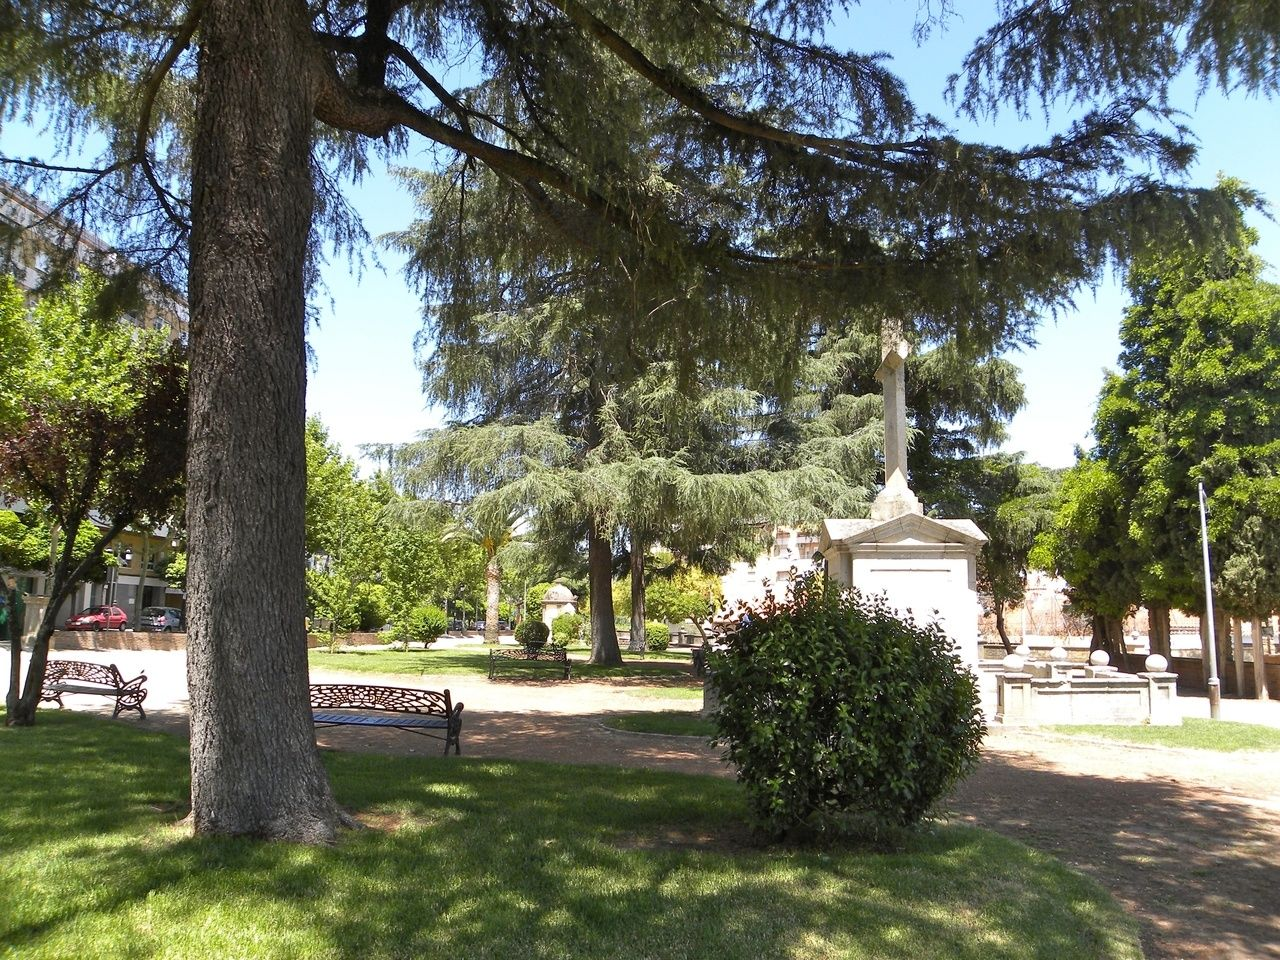 Parque del Principe in Cáceres 2013